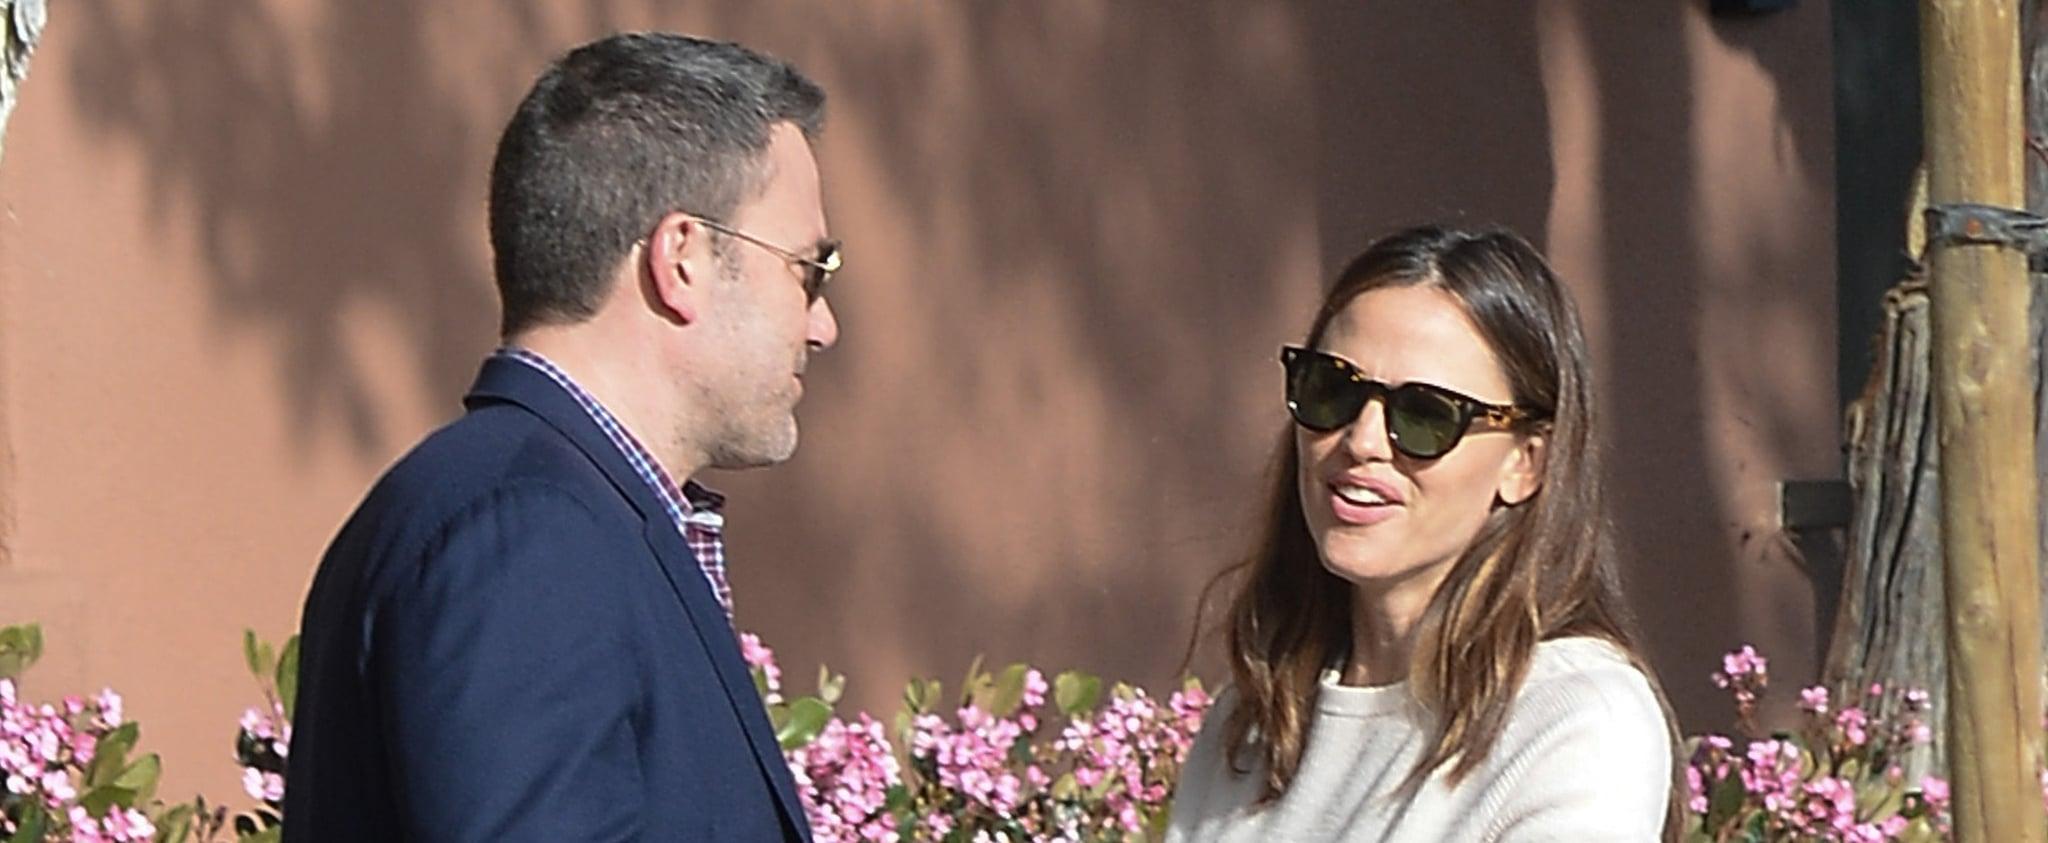 Jennifer Garner and Ben Affleck Out in LA March 2019